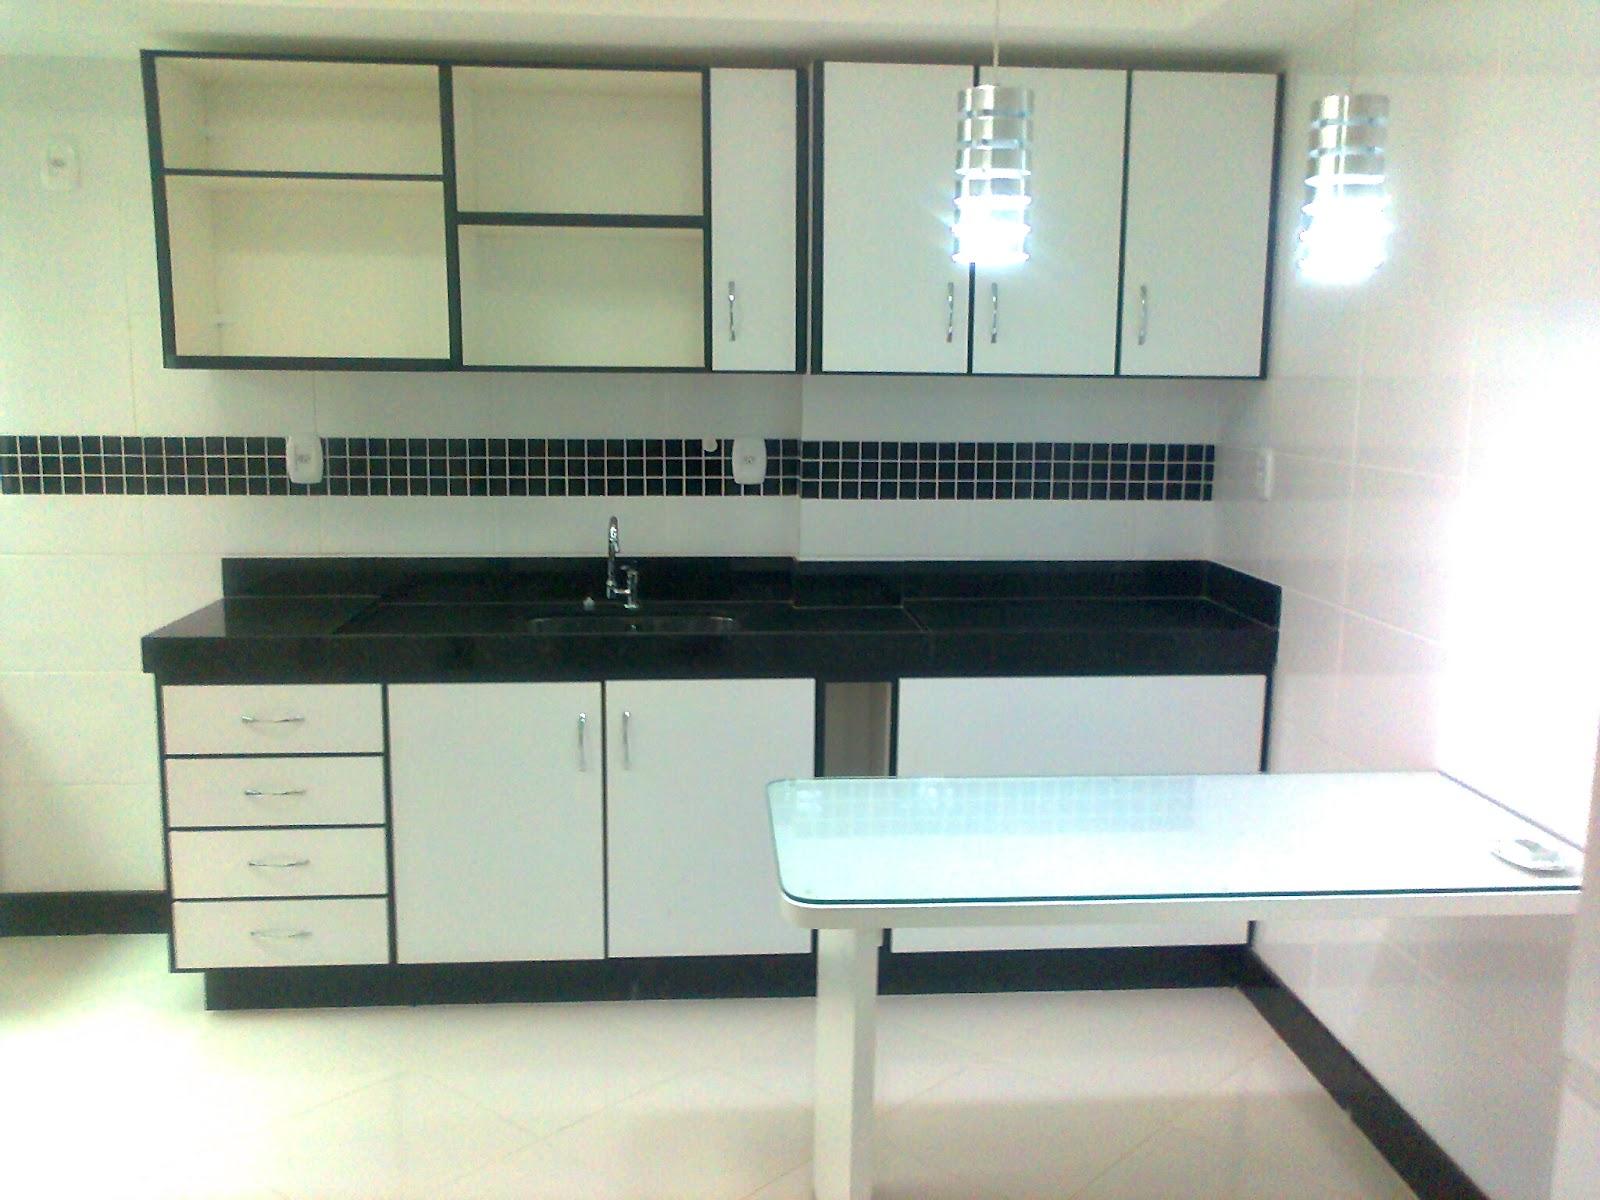 JB Marcenaria: Armário de cozinha preto e branco #727754 1600x1200